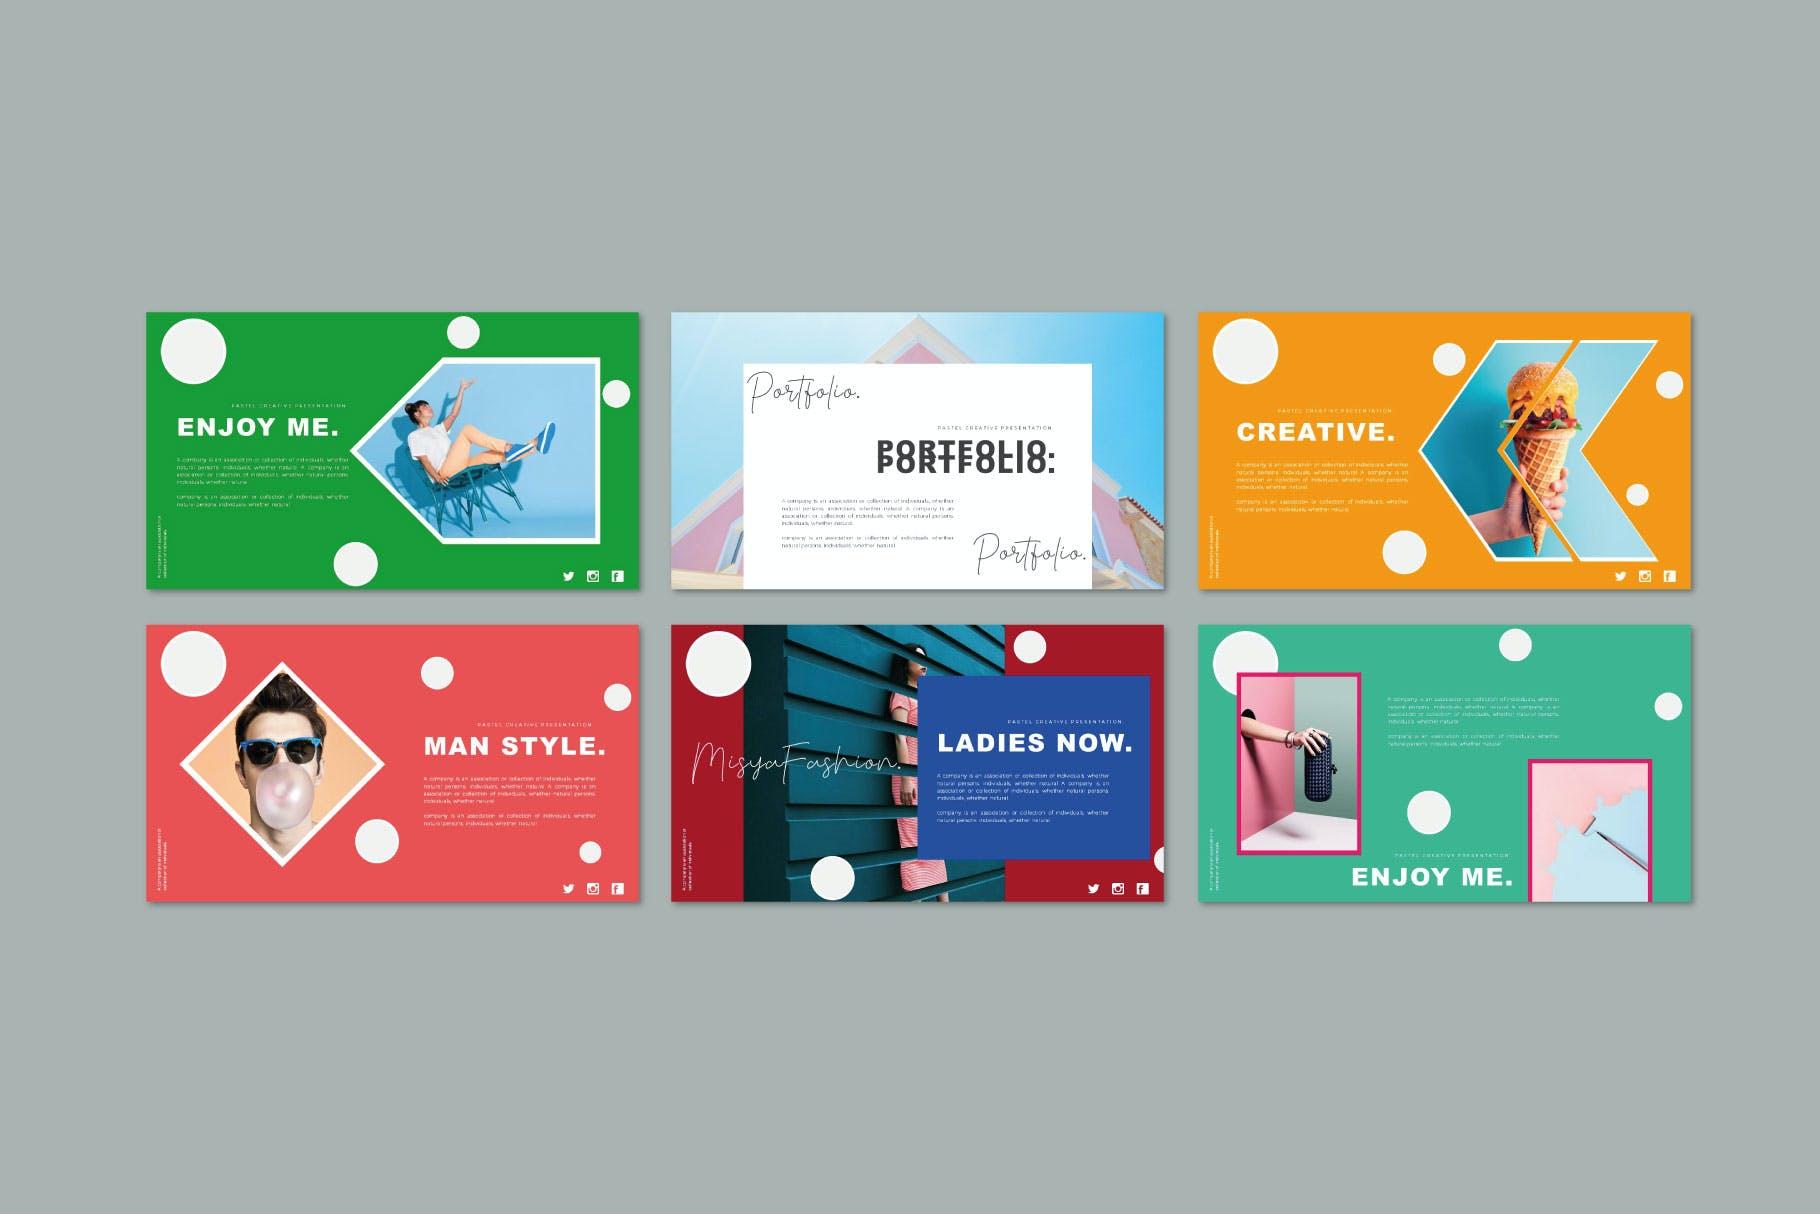 时尚极简产品营销演示文稿设计模板素材 Misya – Powerpoint Template插图6